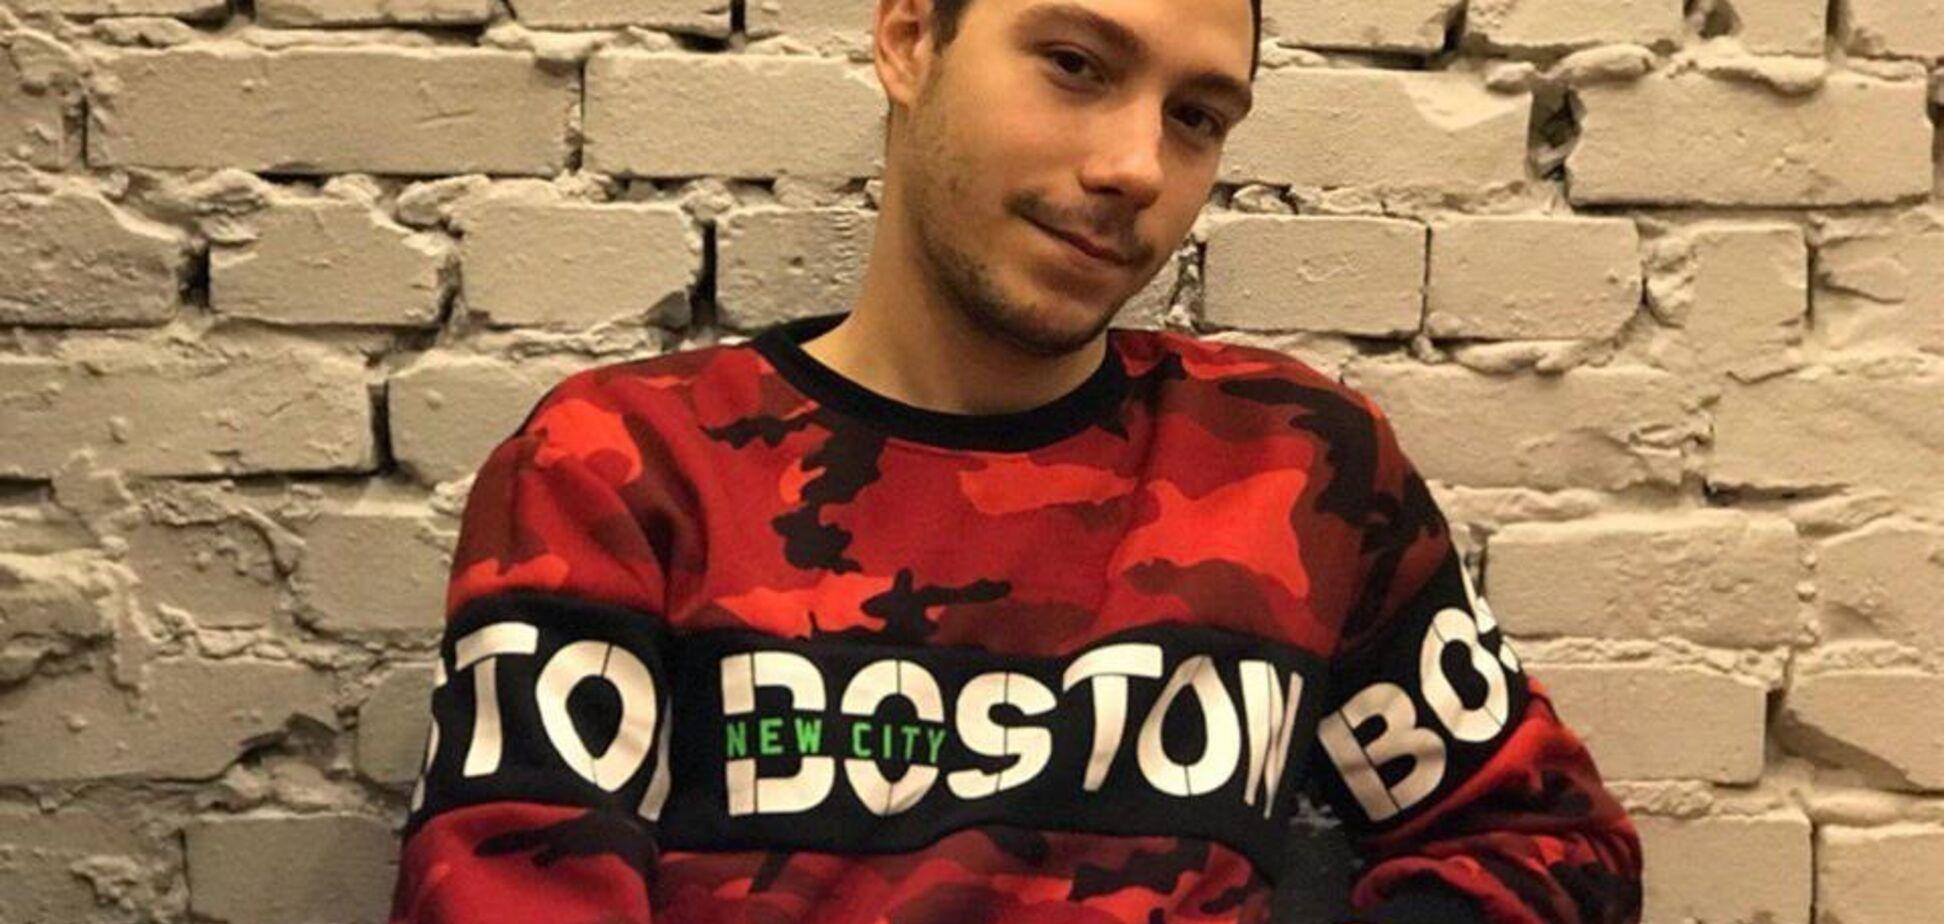 Создатель скандального новостного сайта Запорожья Дмитрий Ковалев раскрыл секреты своего проекта